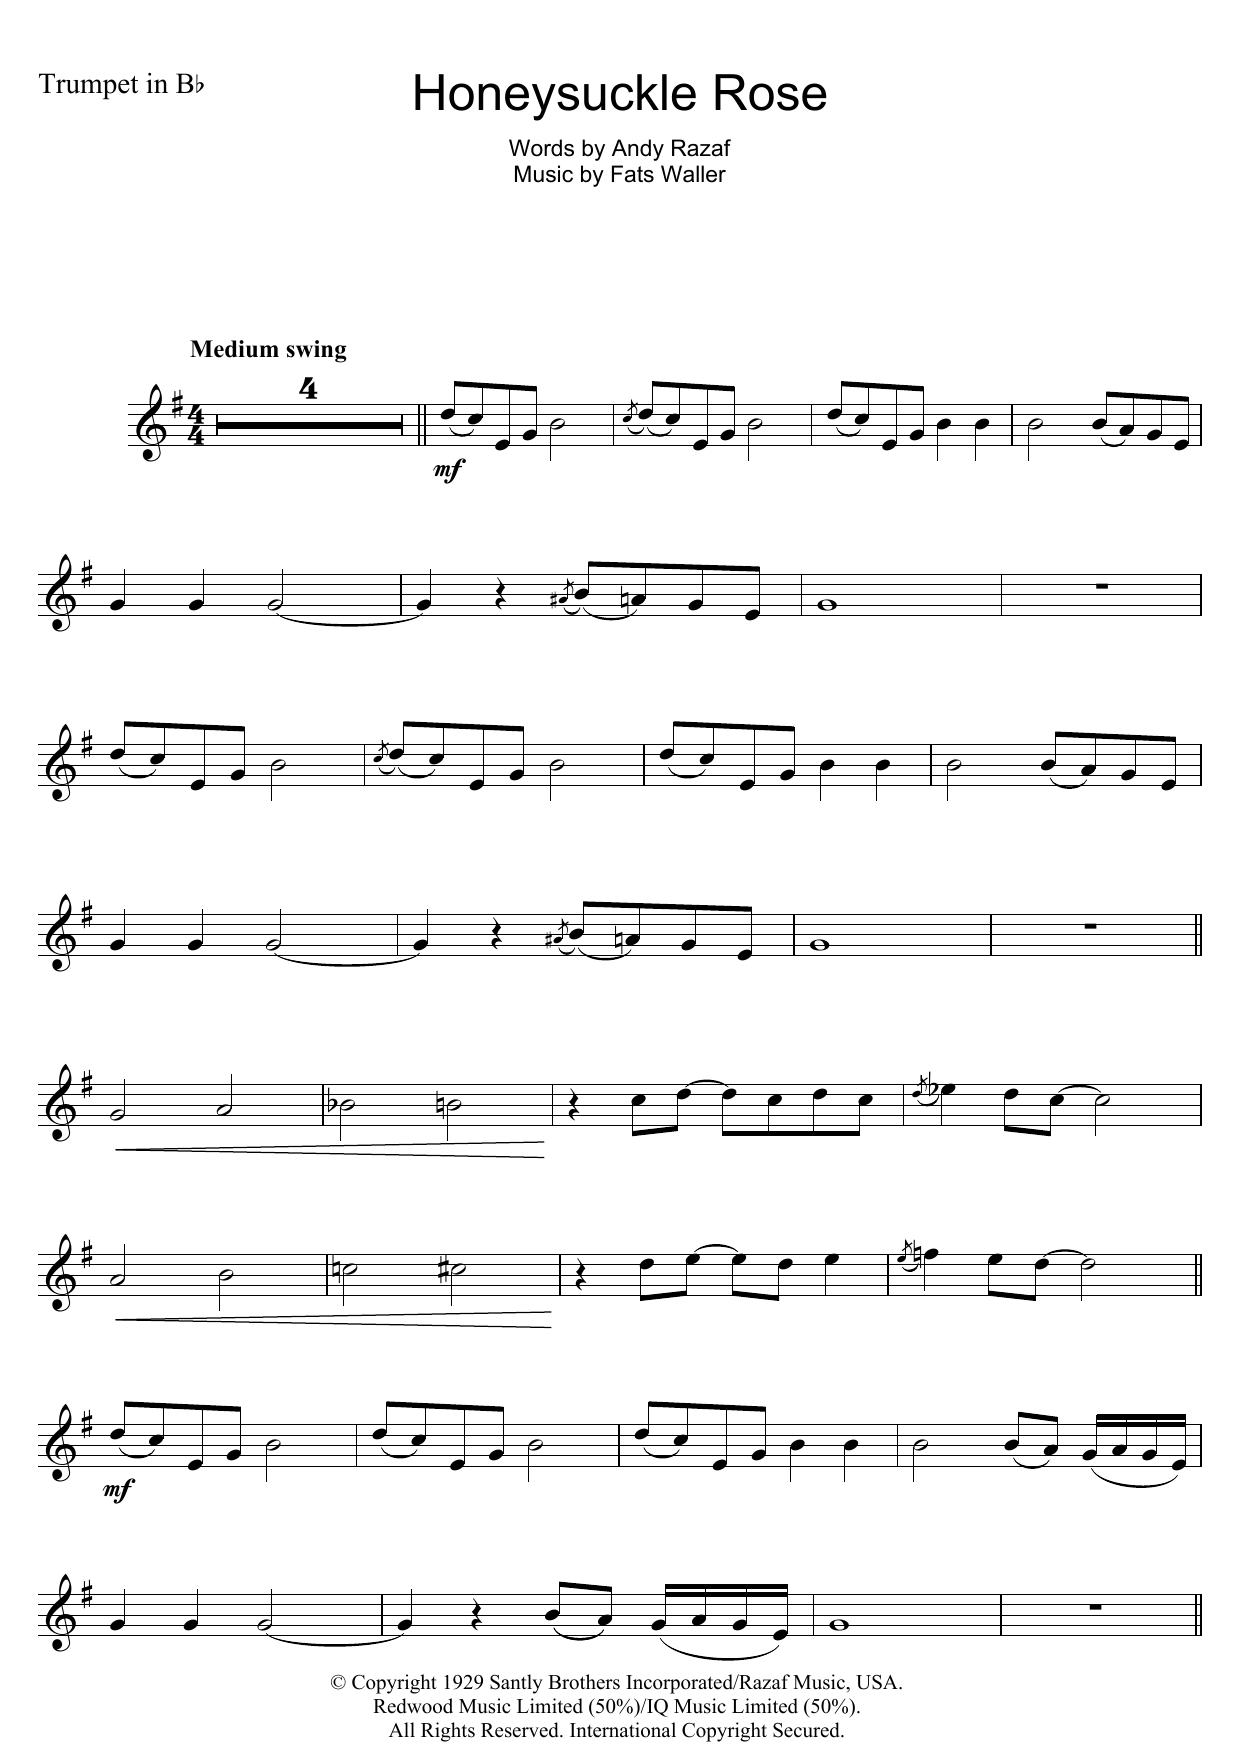 Honeysuckle Rose (Trumpet Solo)